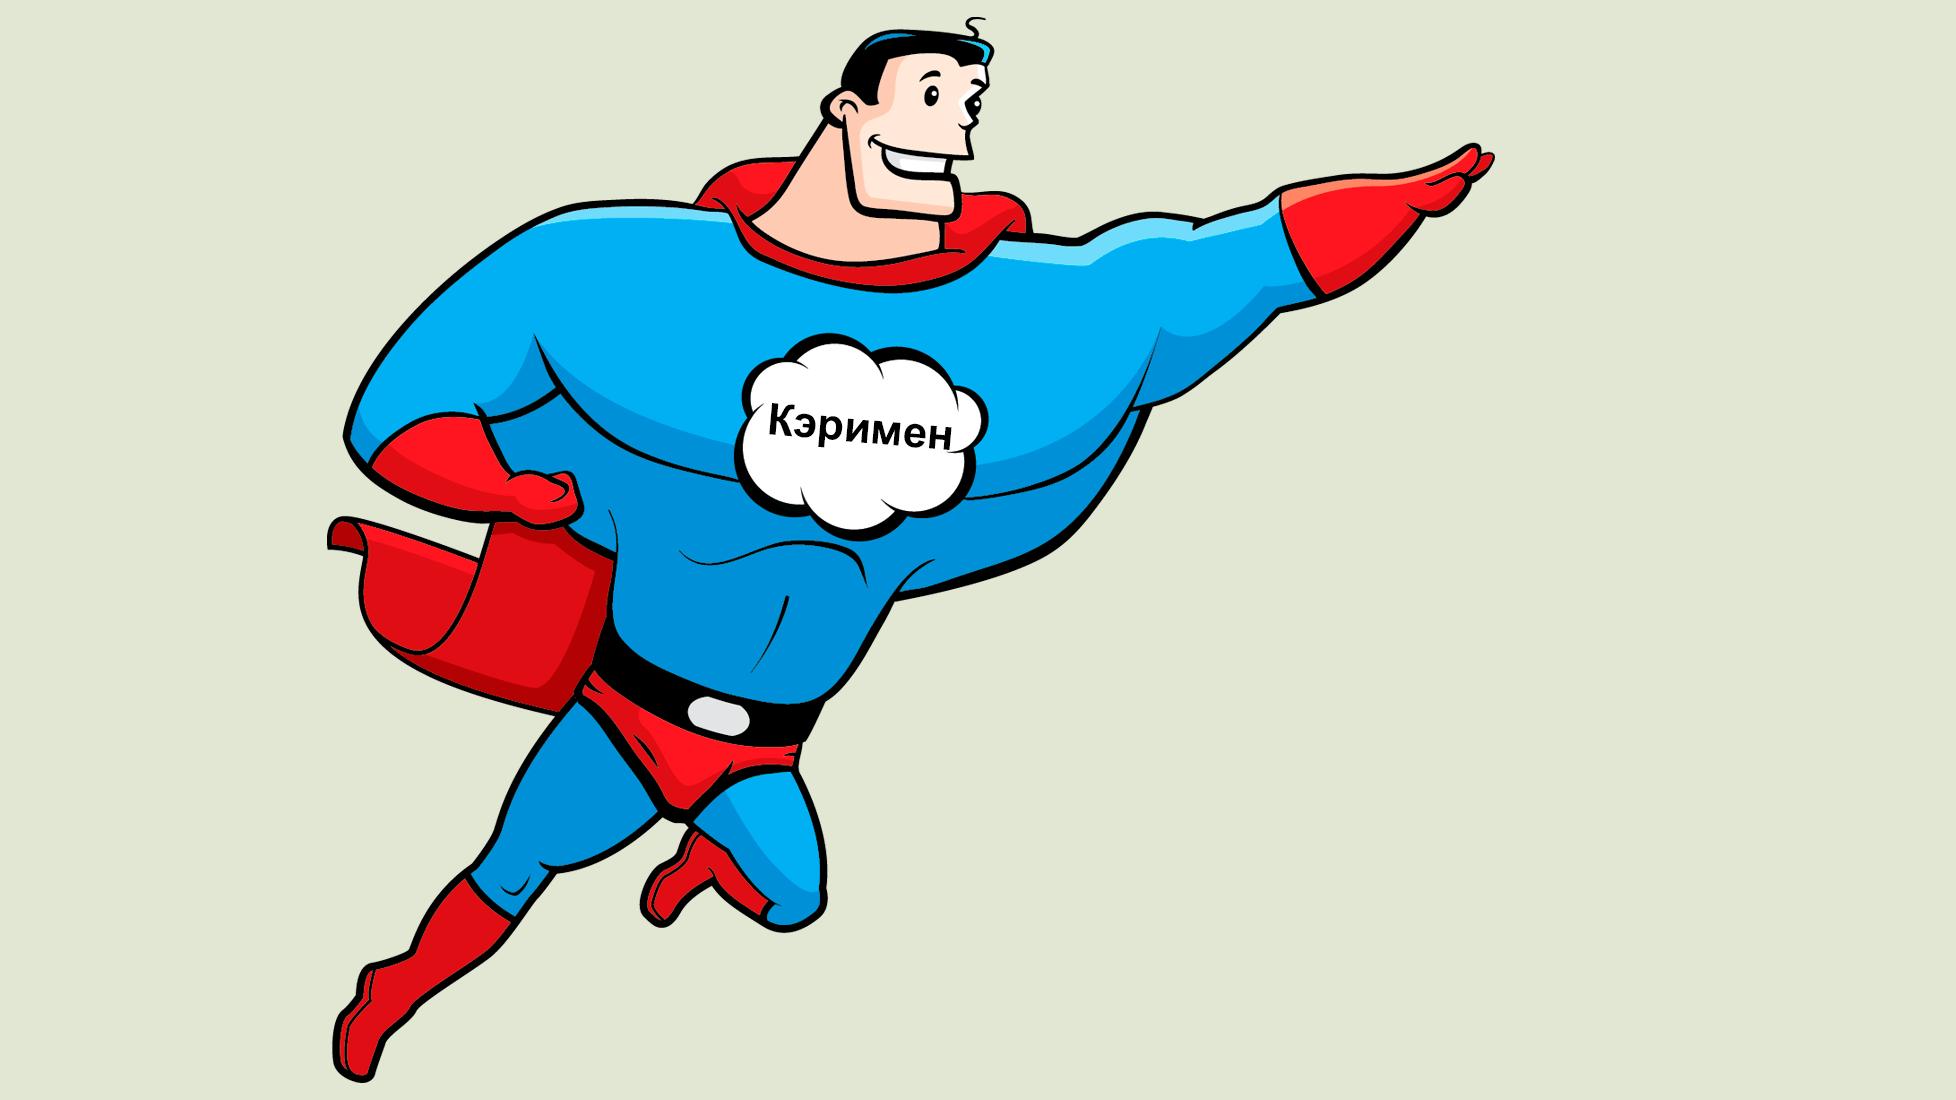 Кэримен: зачем в компании «человек-забота»